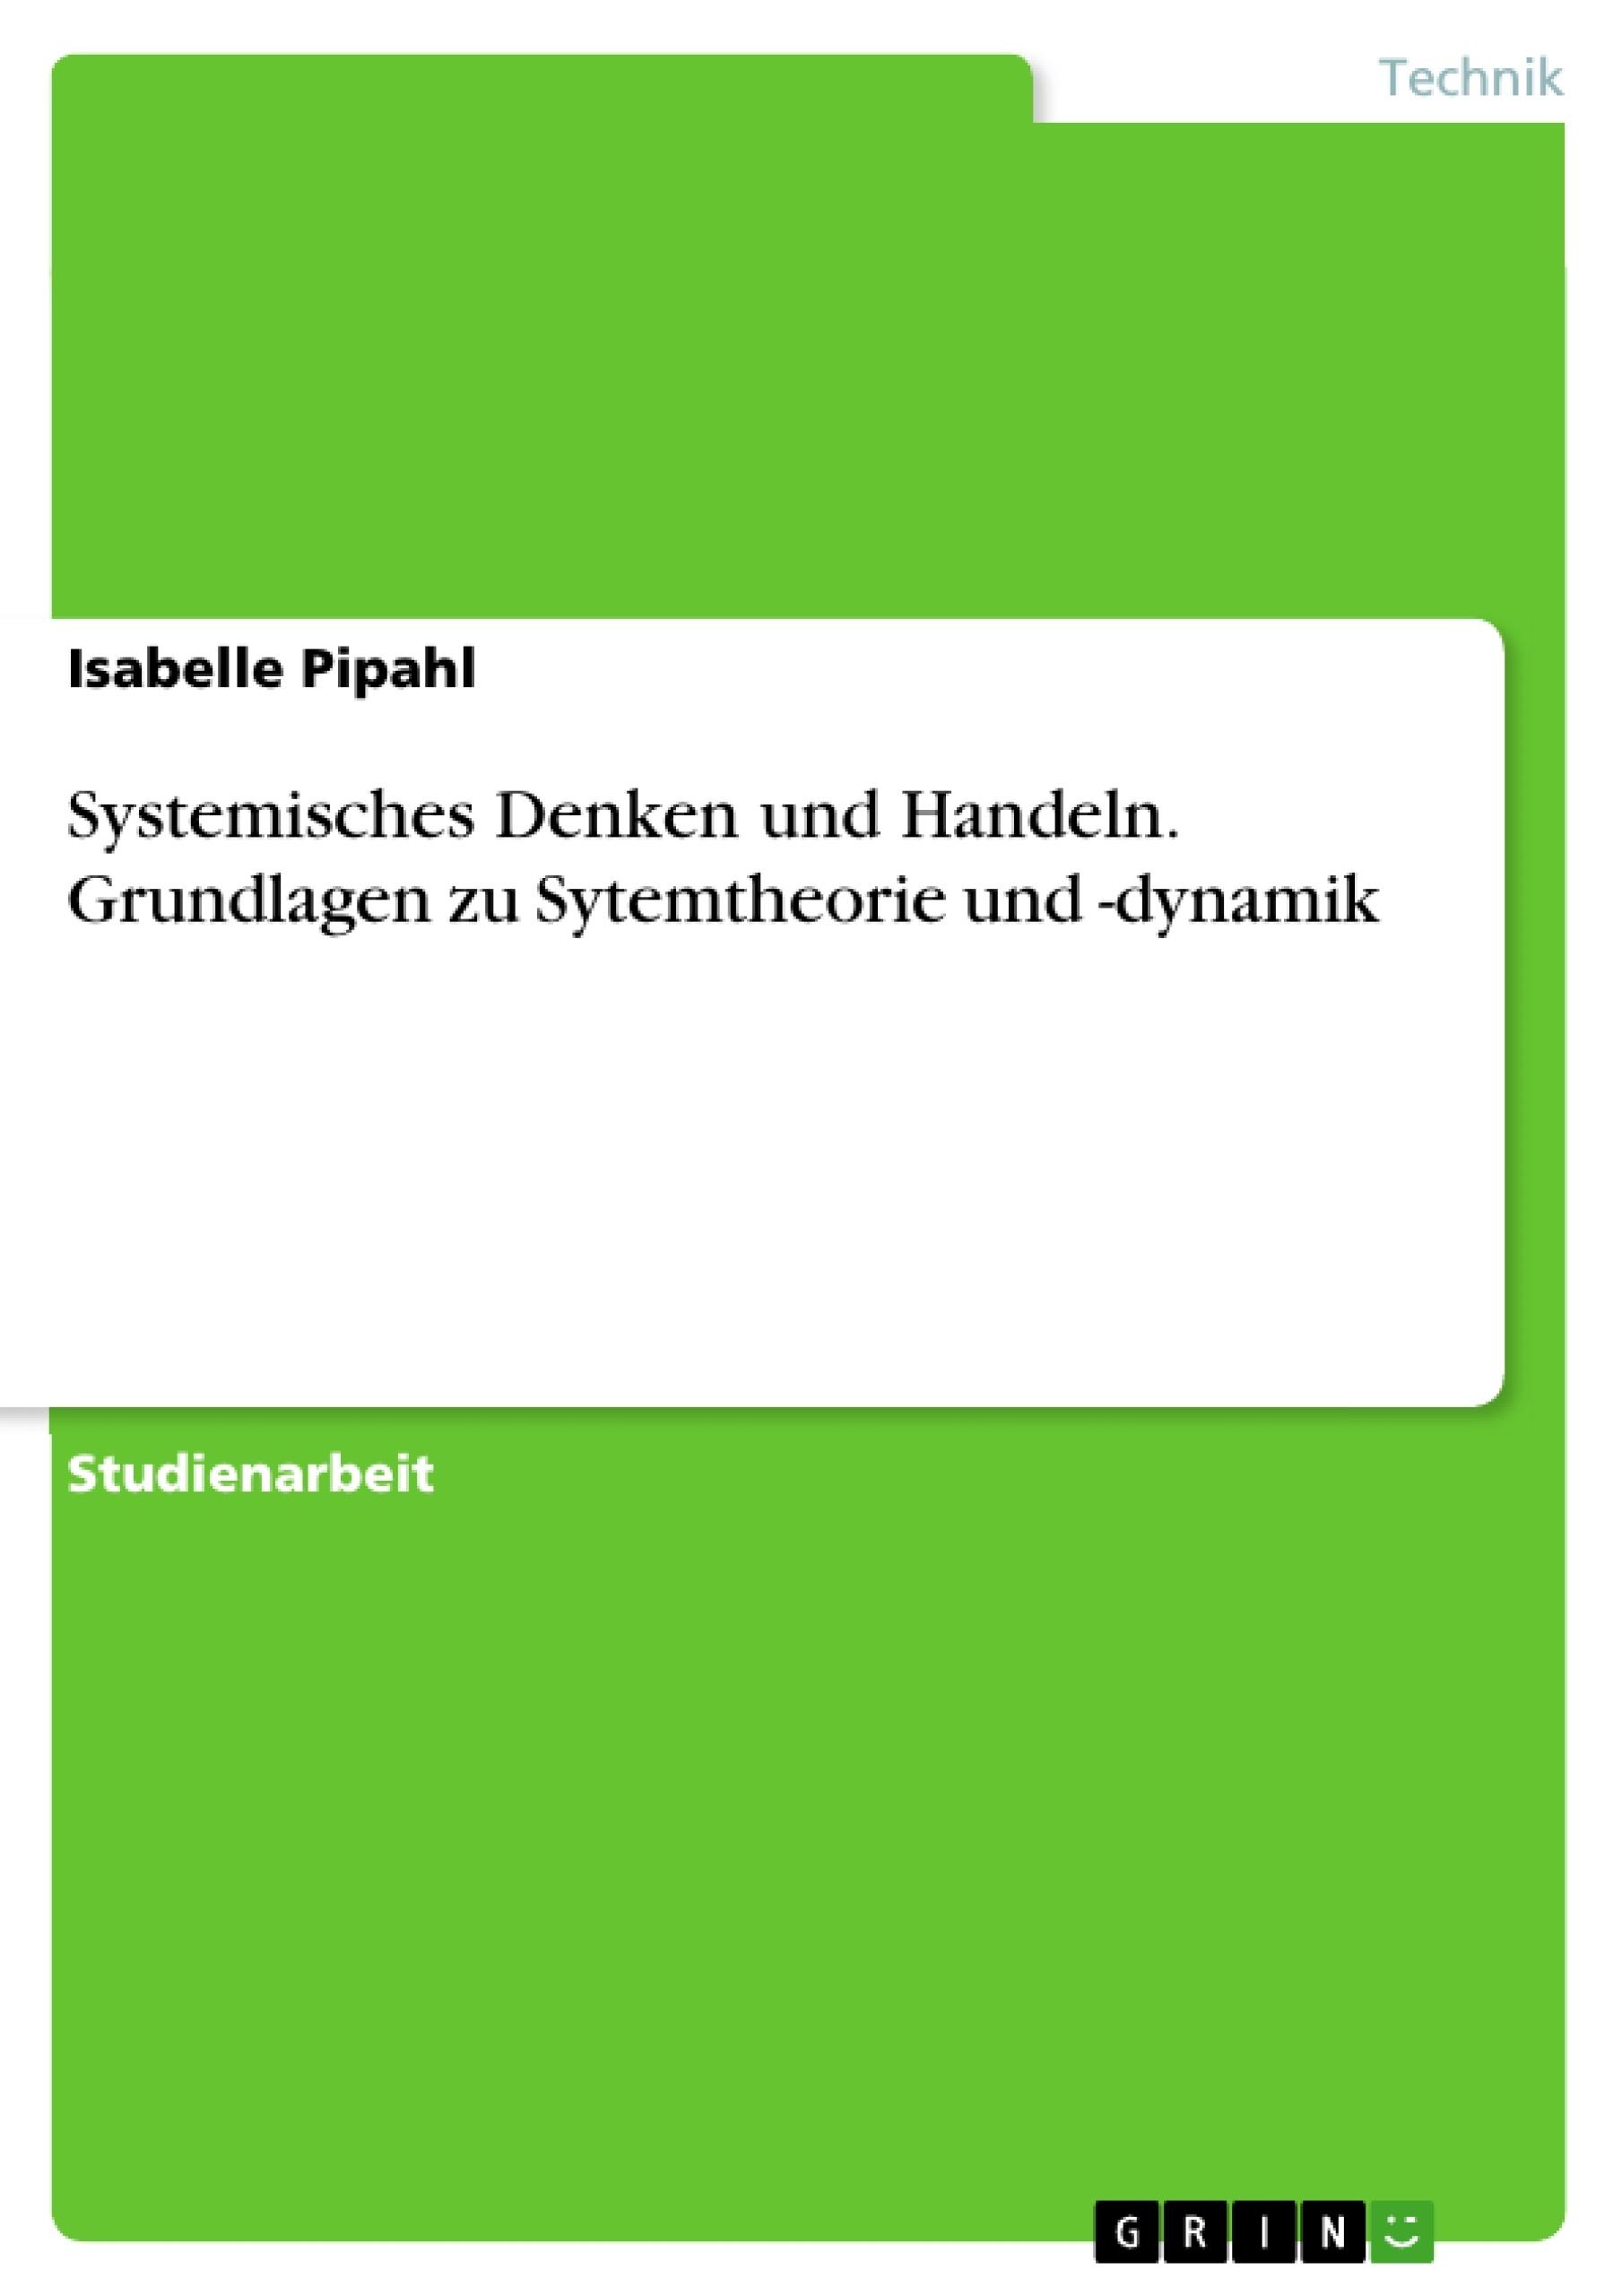 Titel: Systemisches Denken und Handeln. Grundlagen zu Sytemtheorie und -dynamik